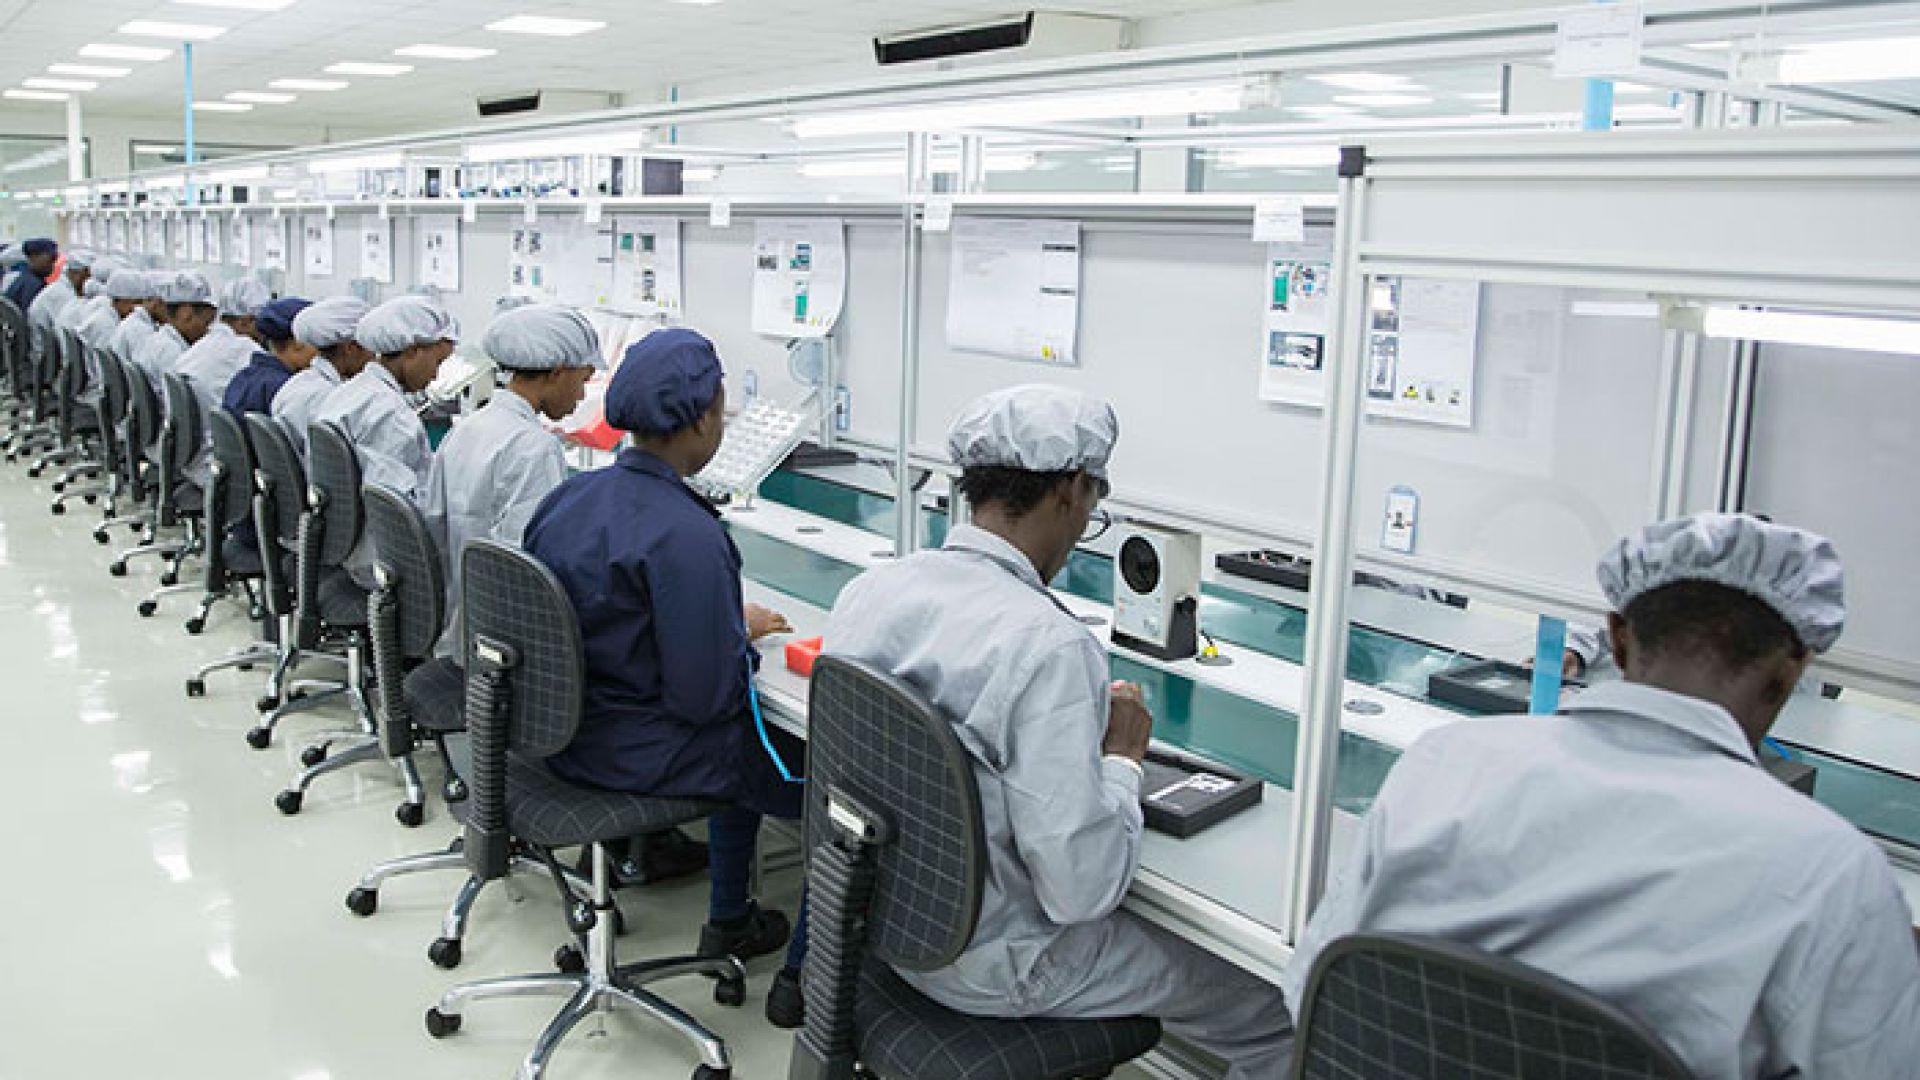 За разлика от България, в Руанда се произвеждат хардуерни компоненти и се сглобяват смартфони